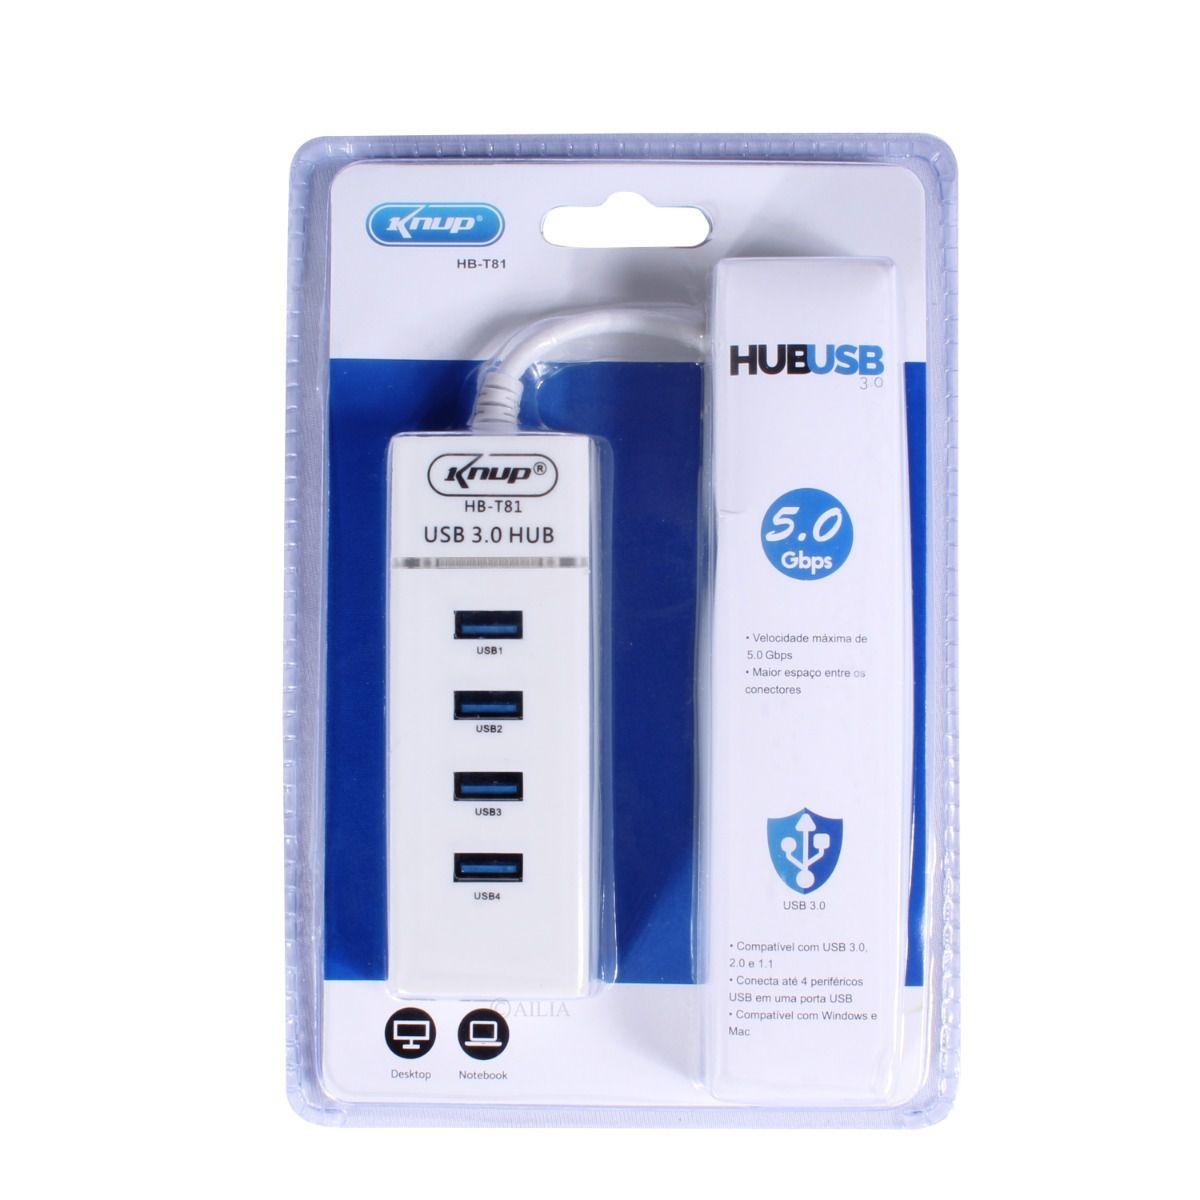 Hub Usb 3.0 4 Portas Switch Knup Hbt81 Alta Velocidade 5gbps